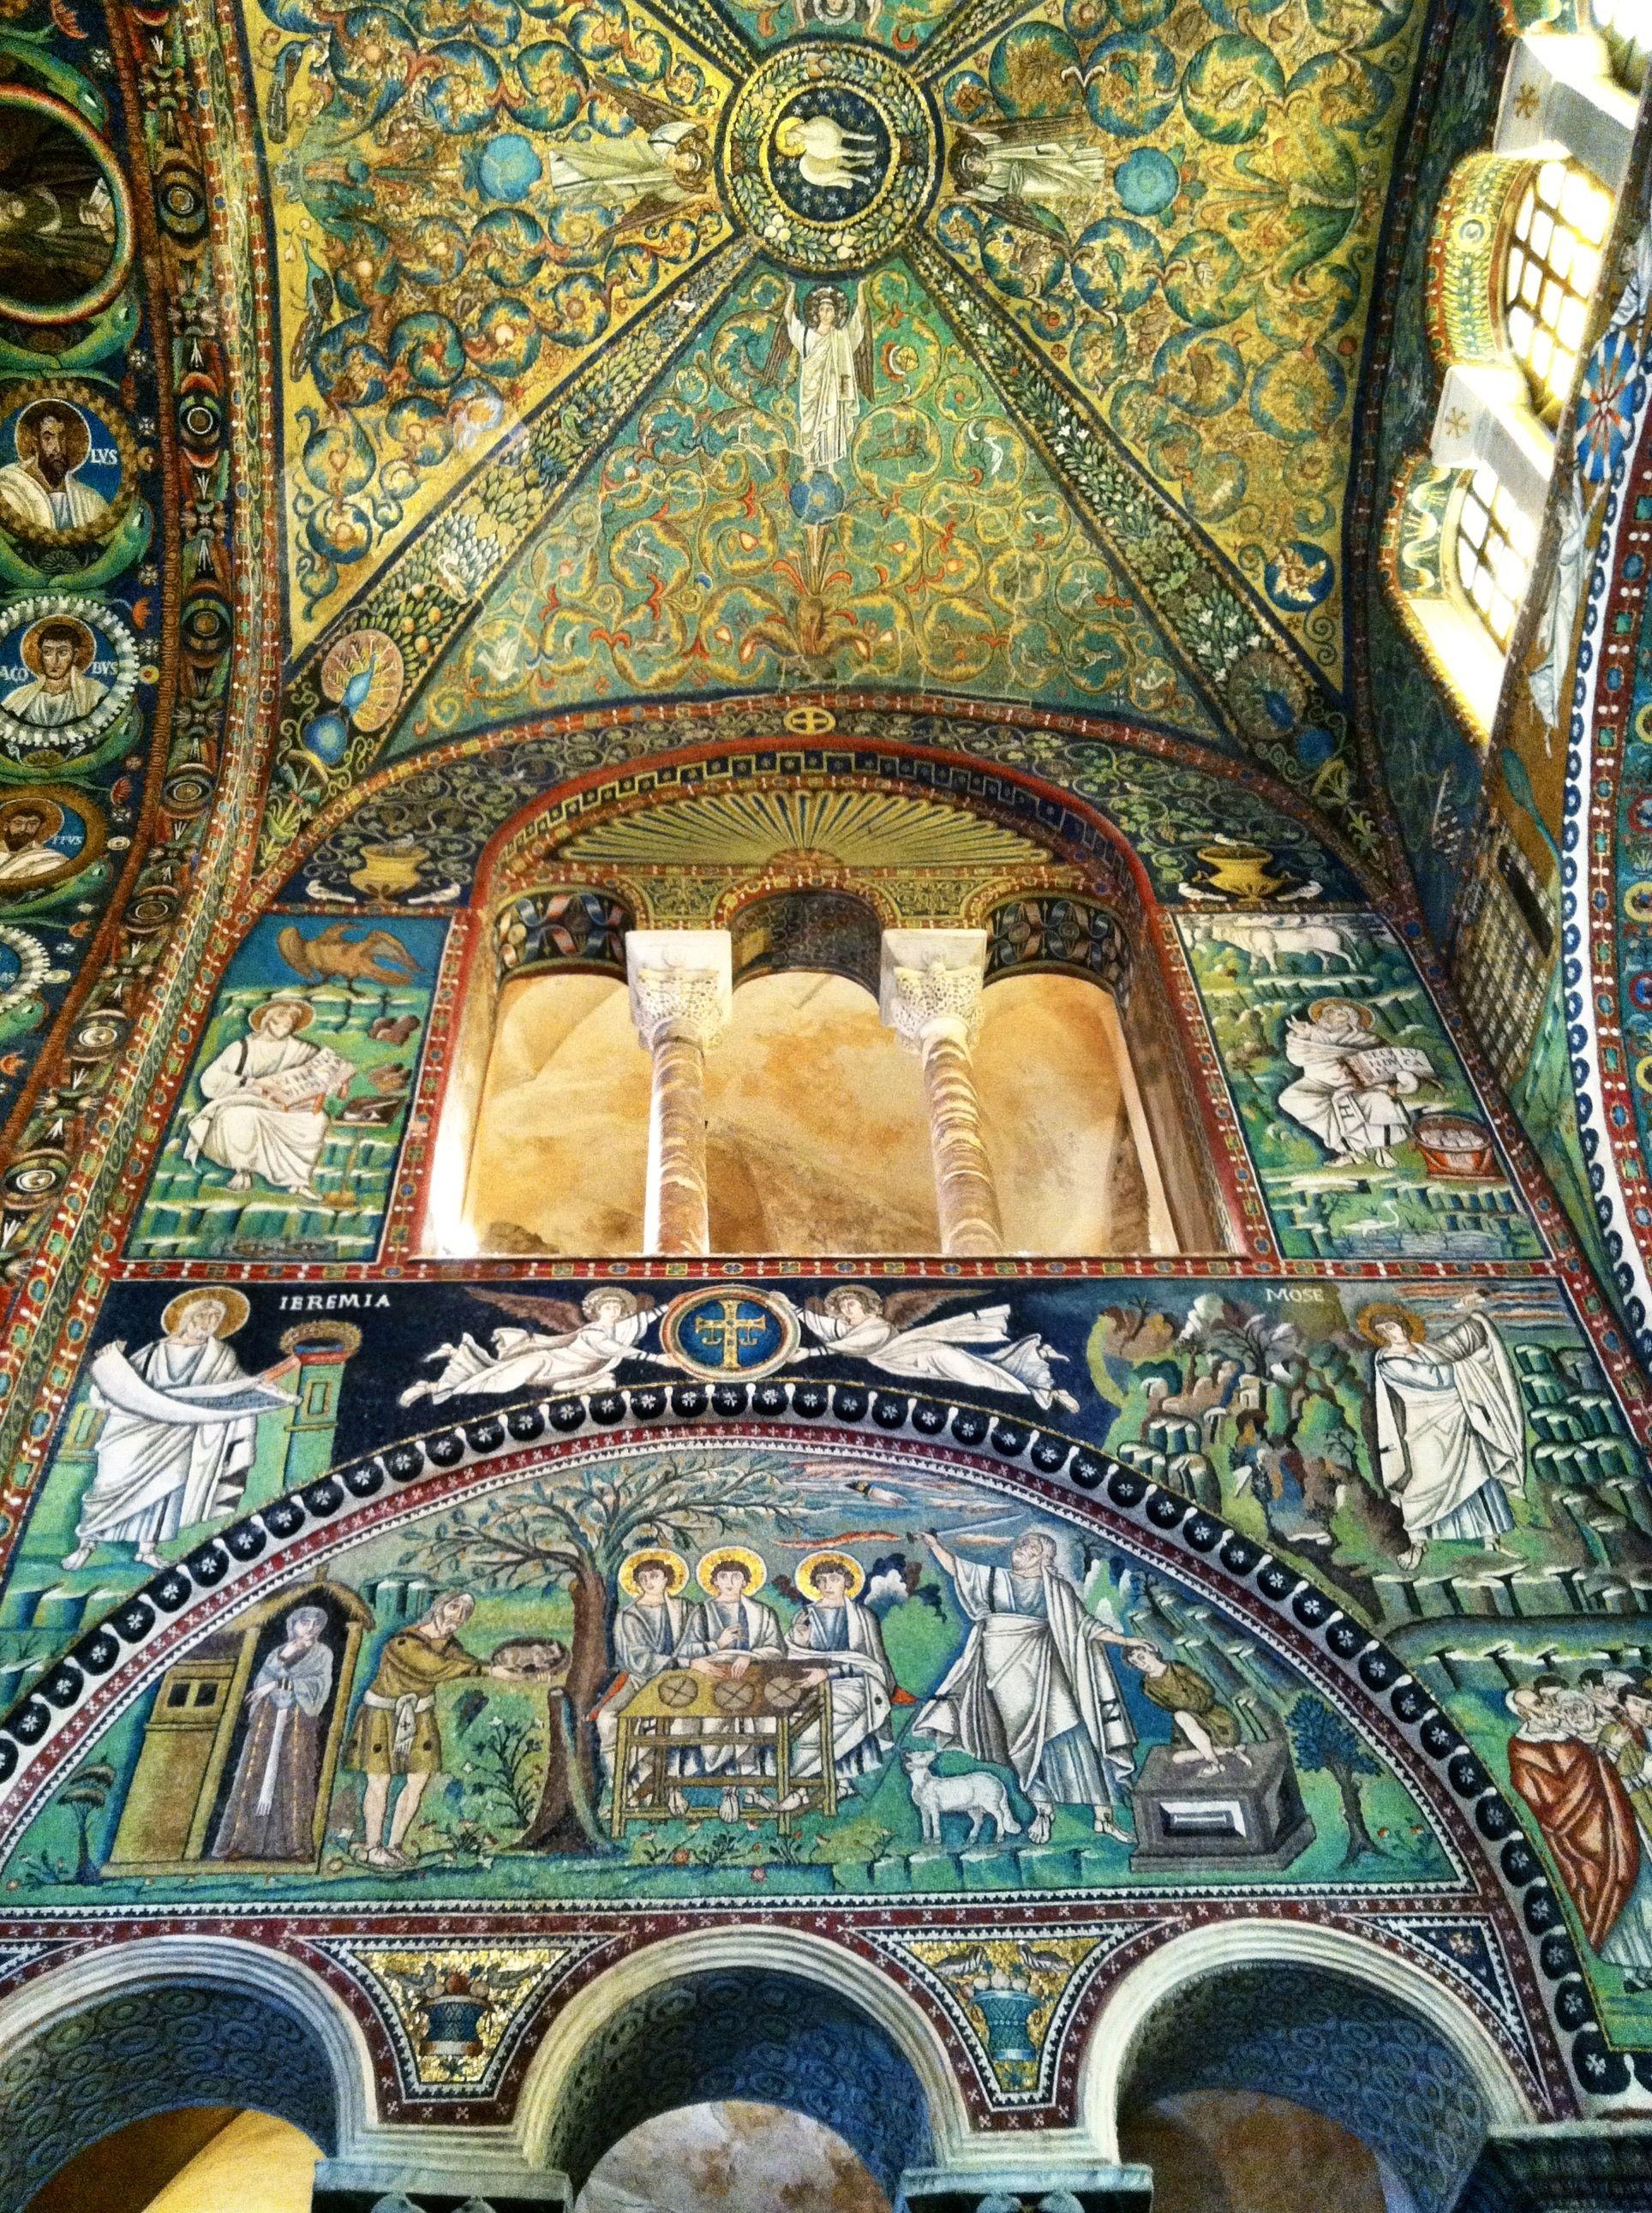 창세기 18:1 모자이크, 아브라함과 이삭 사라 / 산 비탈레 성당